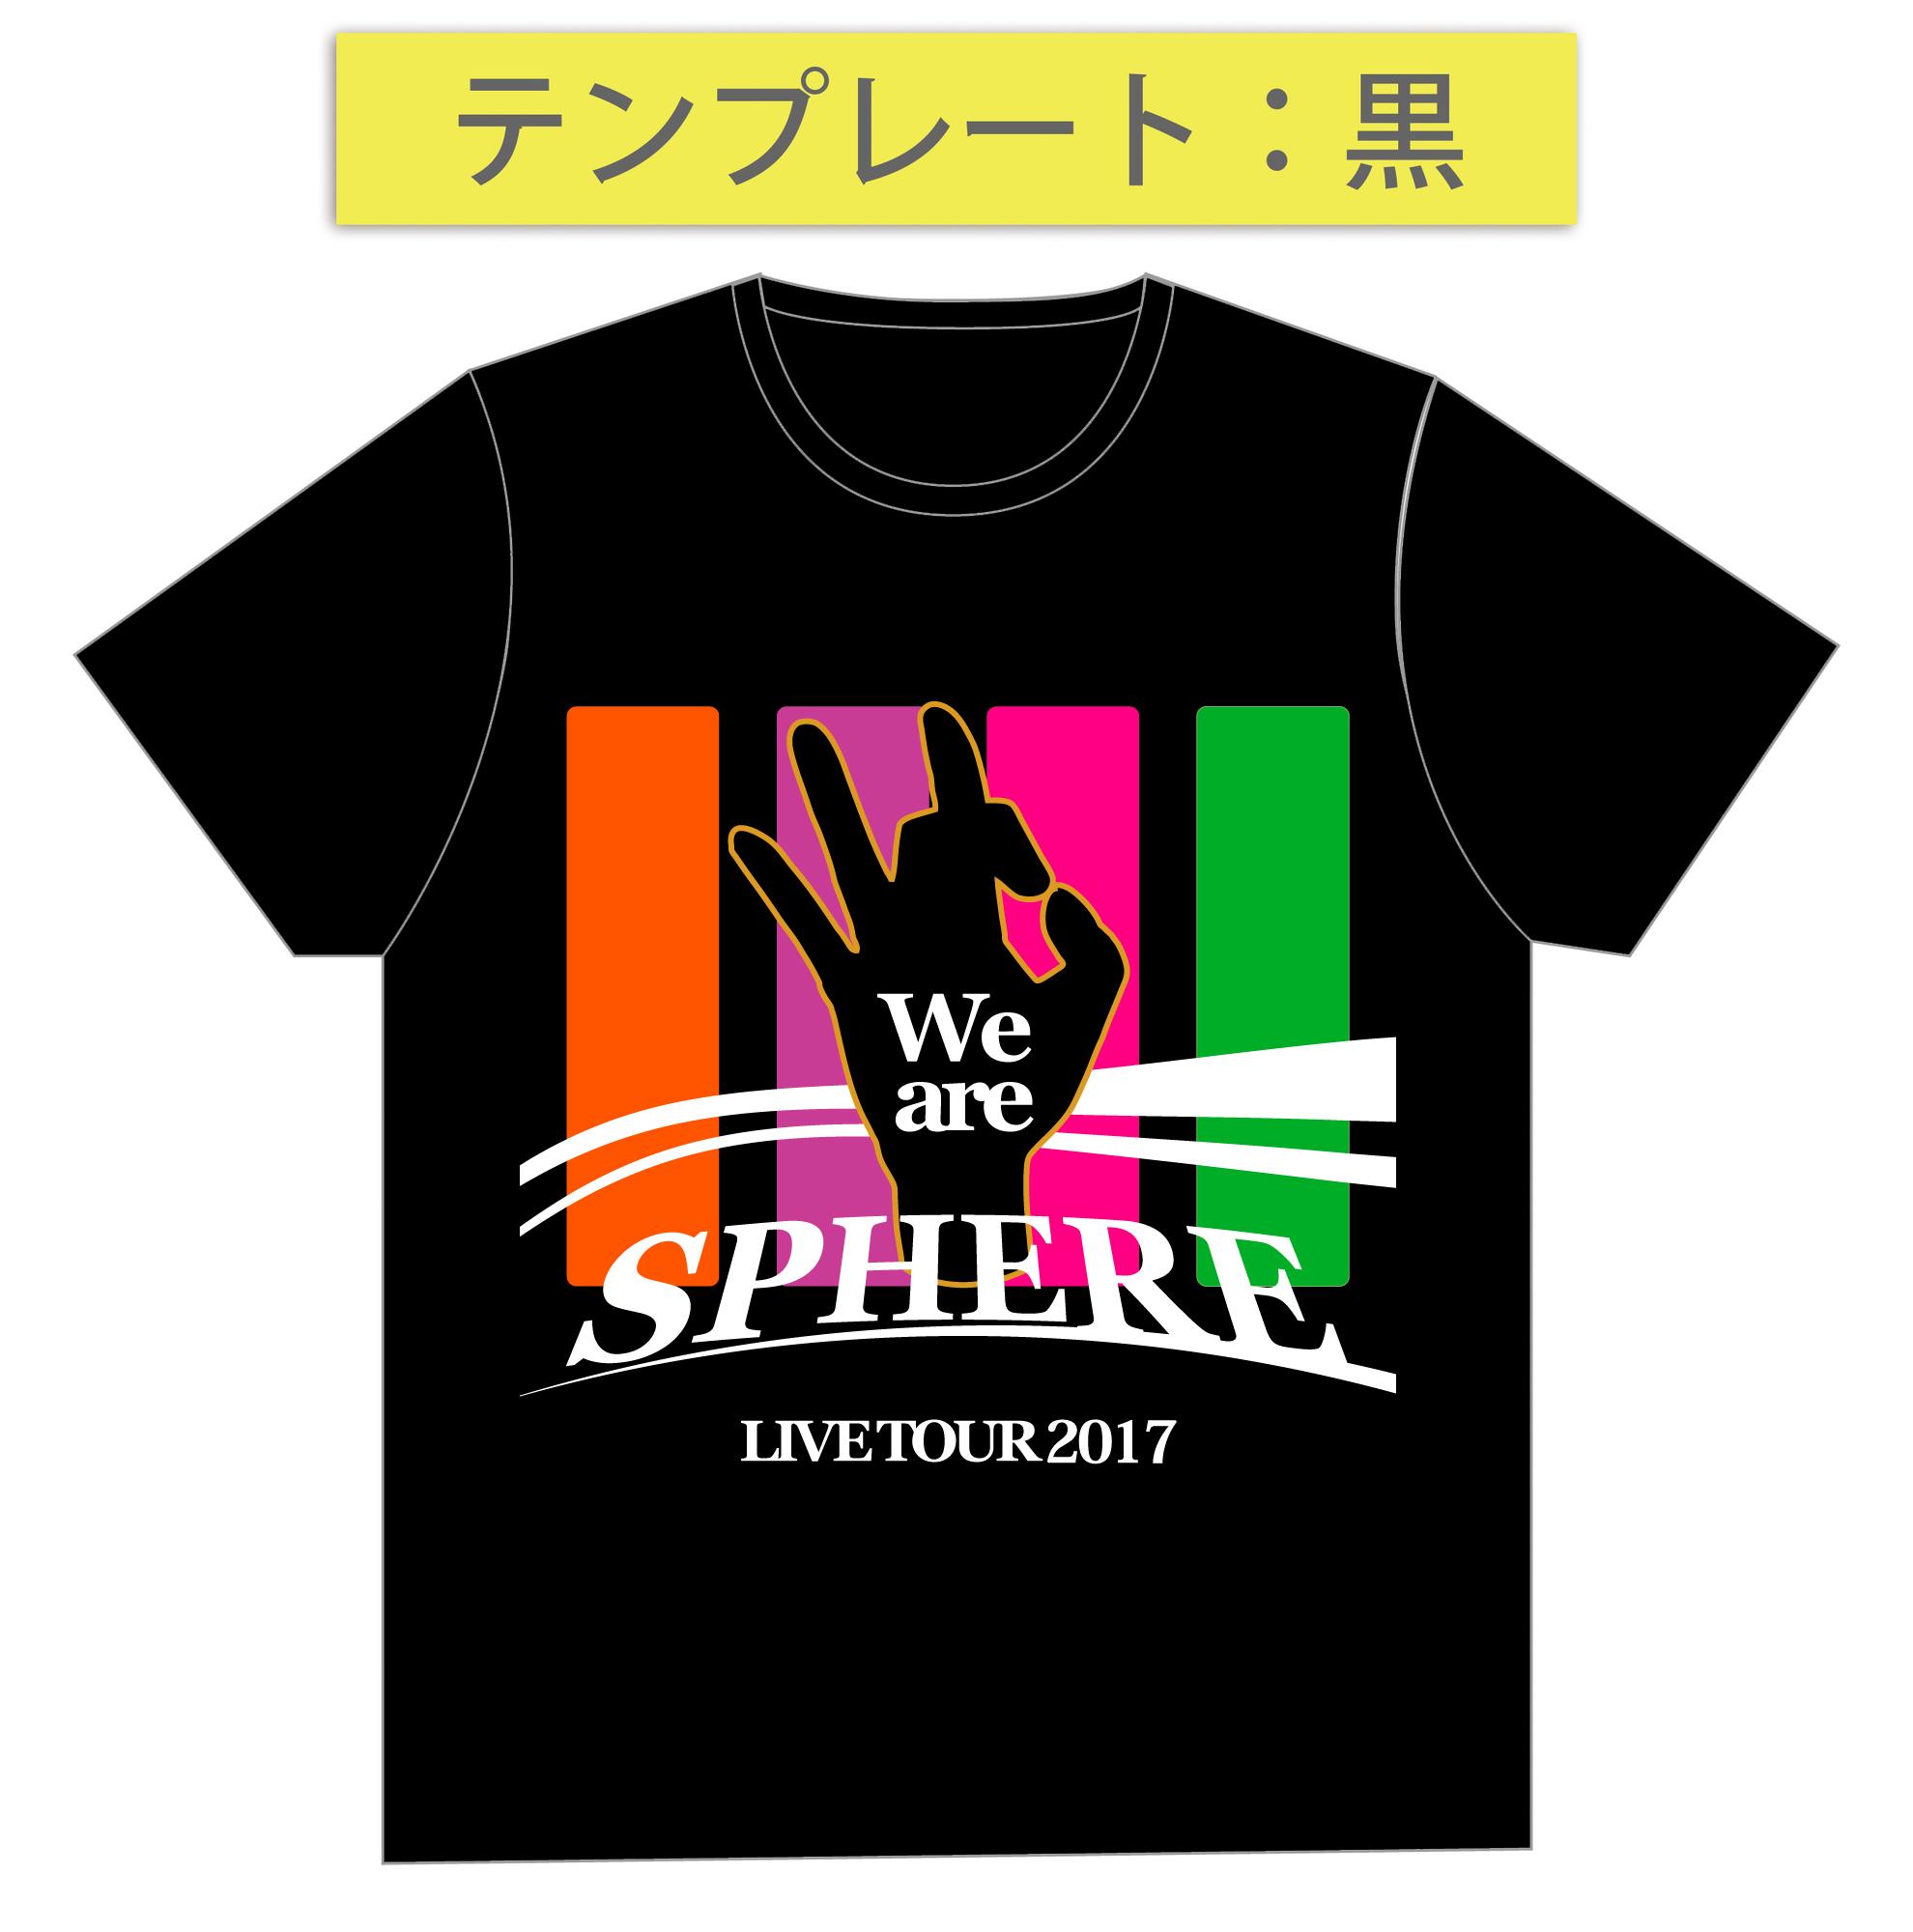 Spheretshirt2